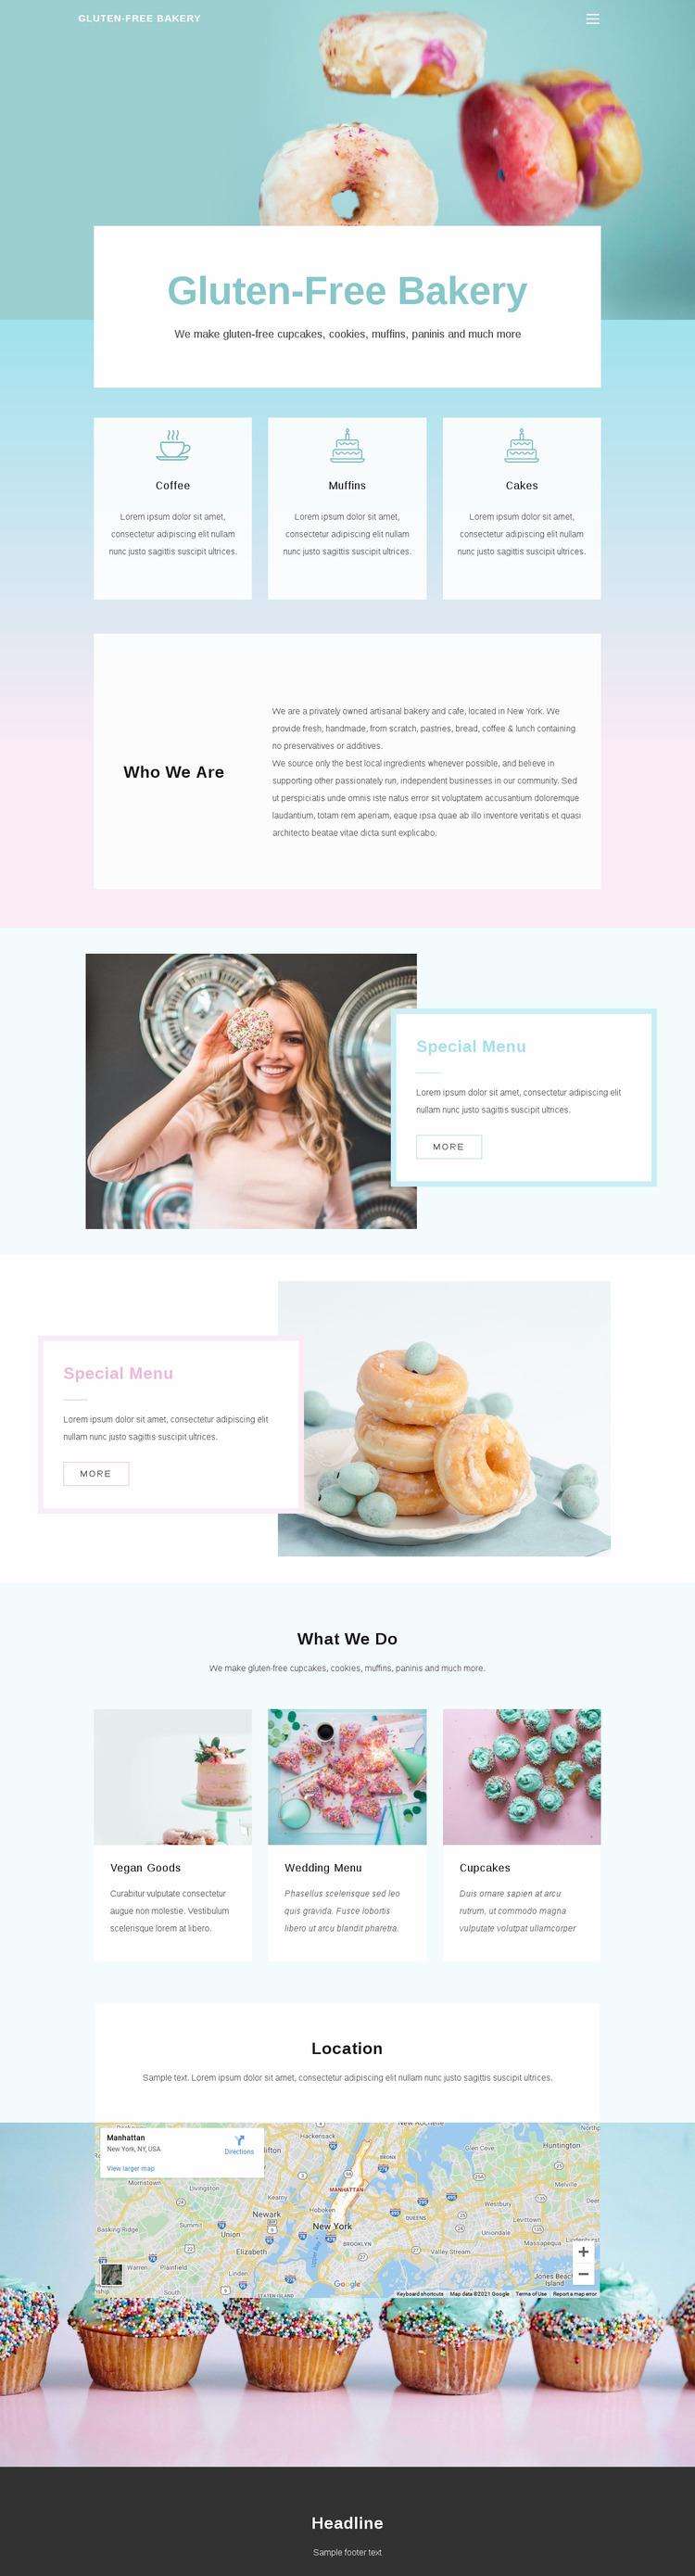 Gluten-Free Backery WordPress Website Builder